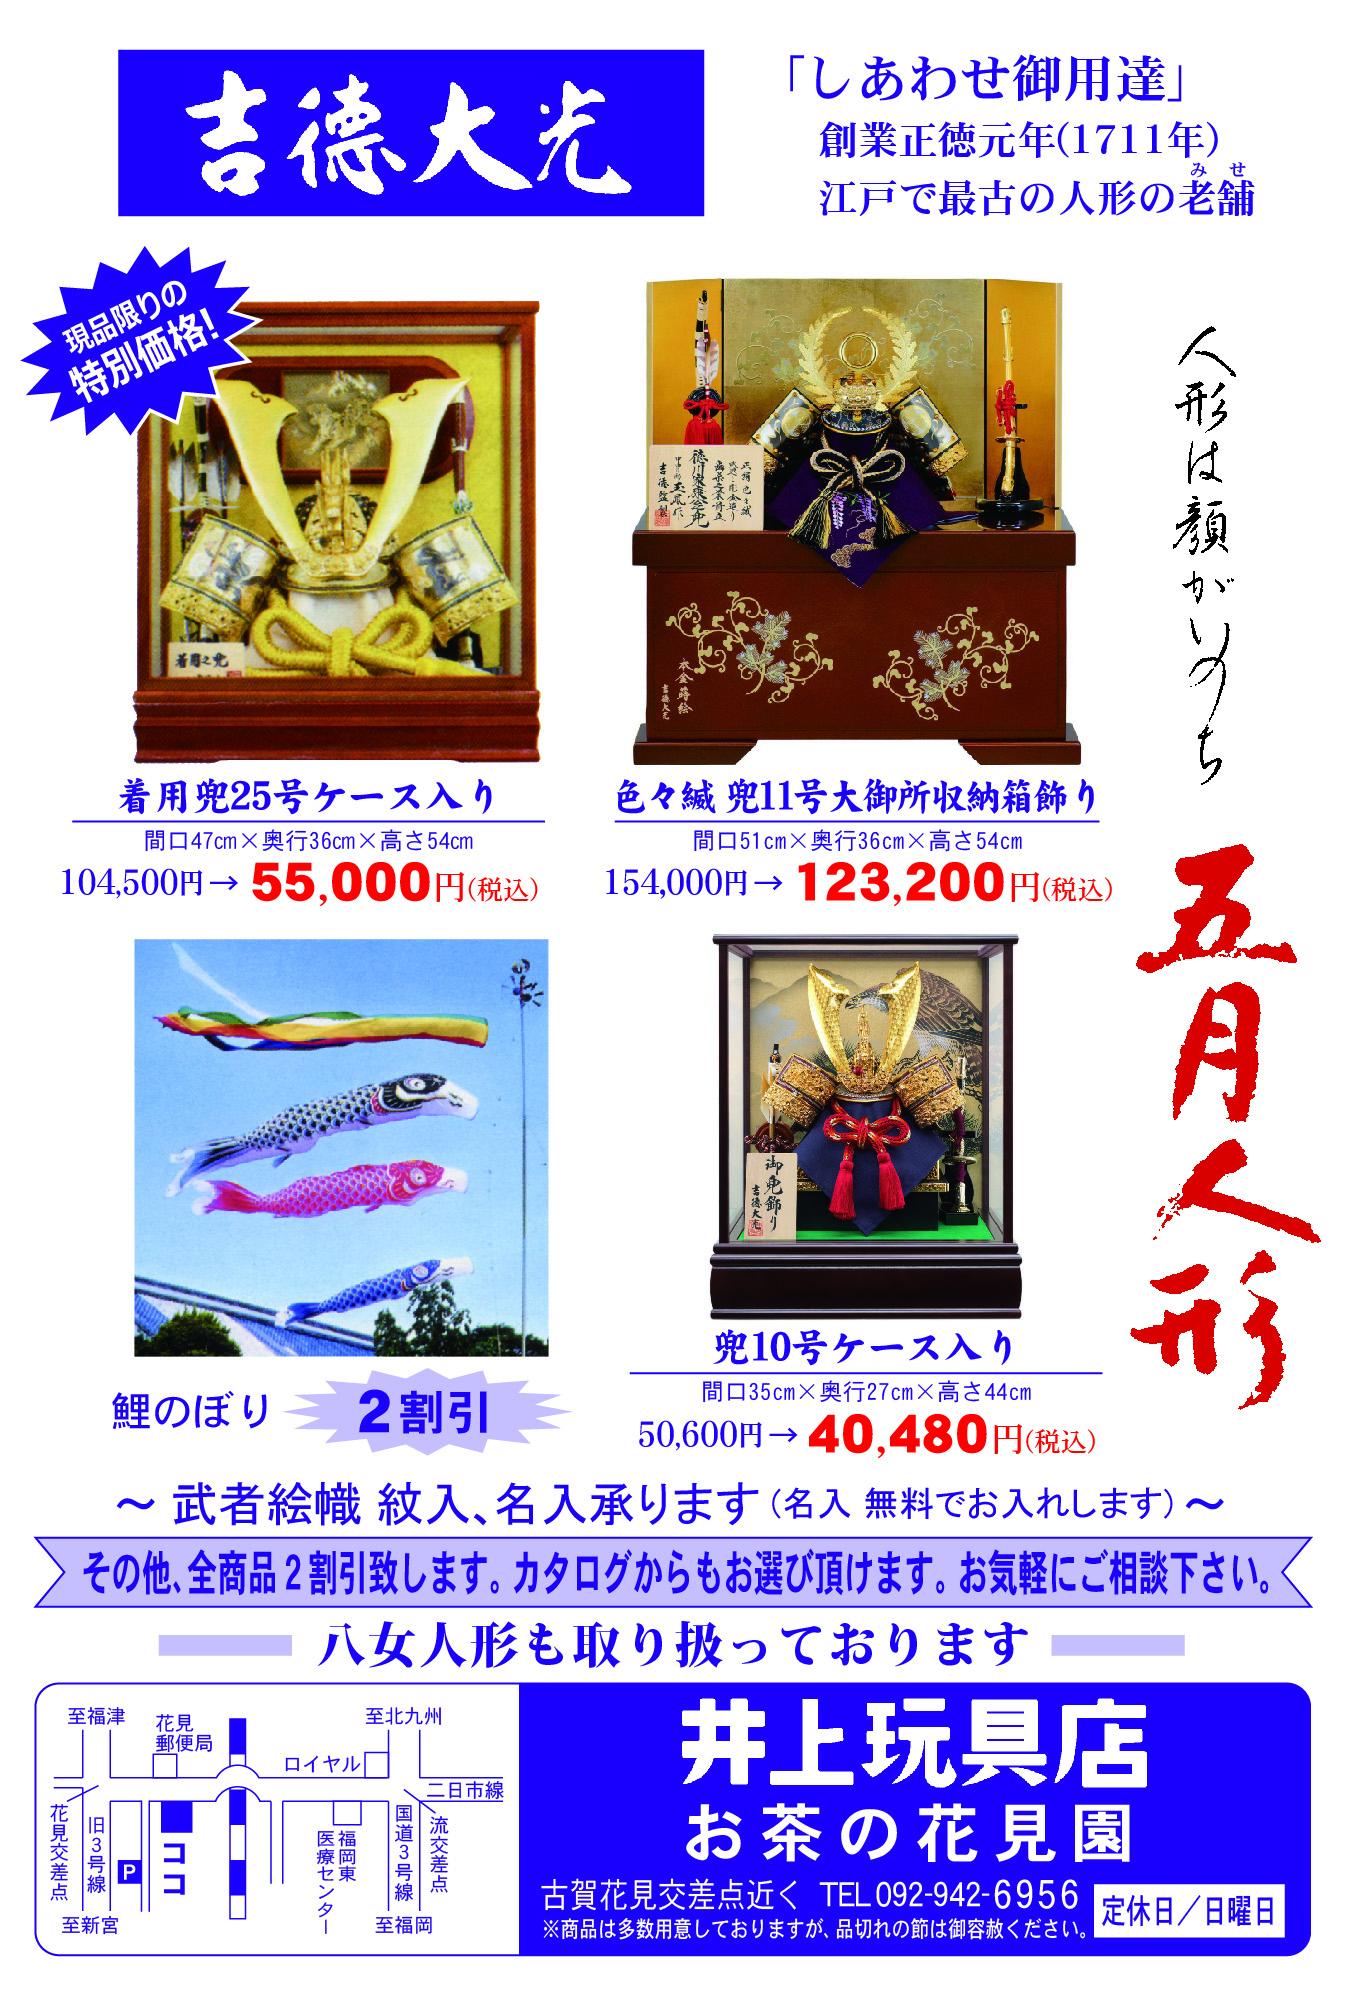 井上玩具店4-4